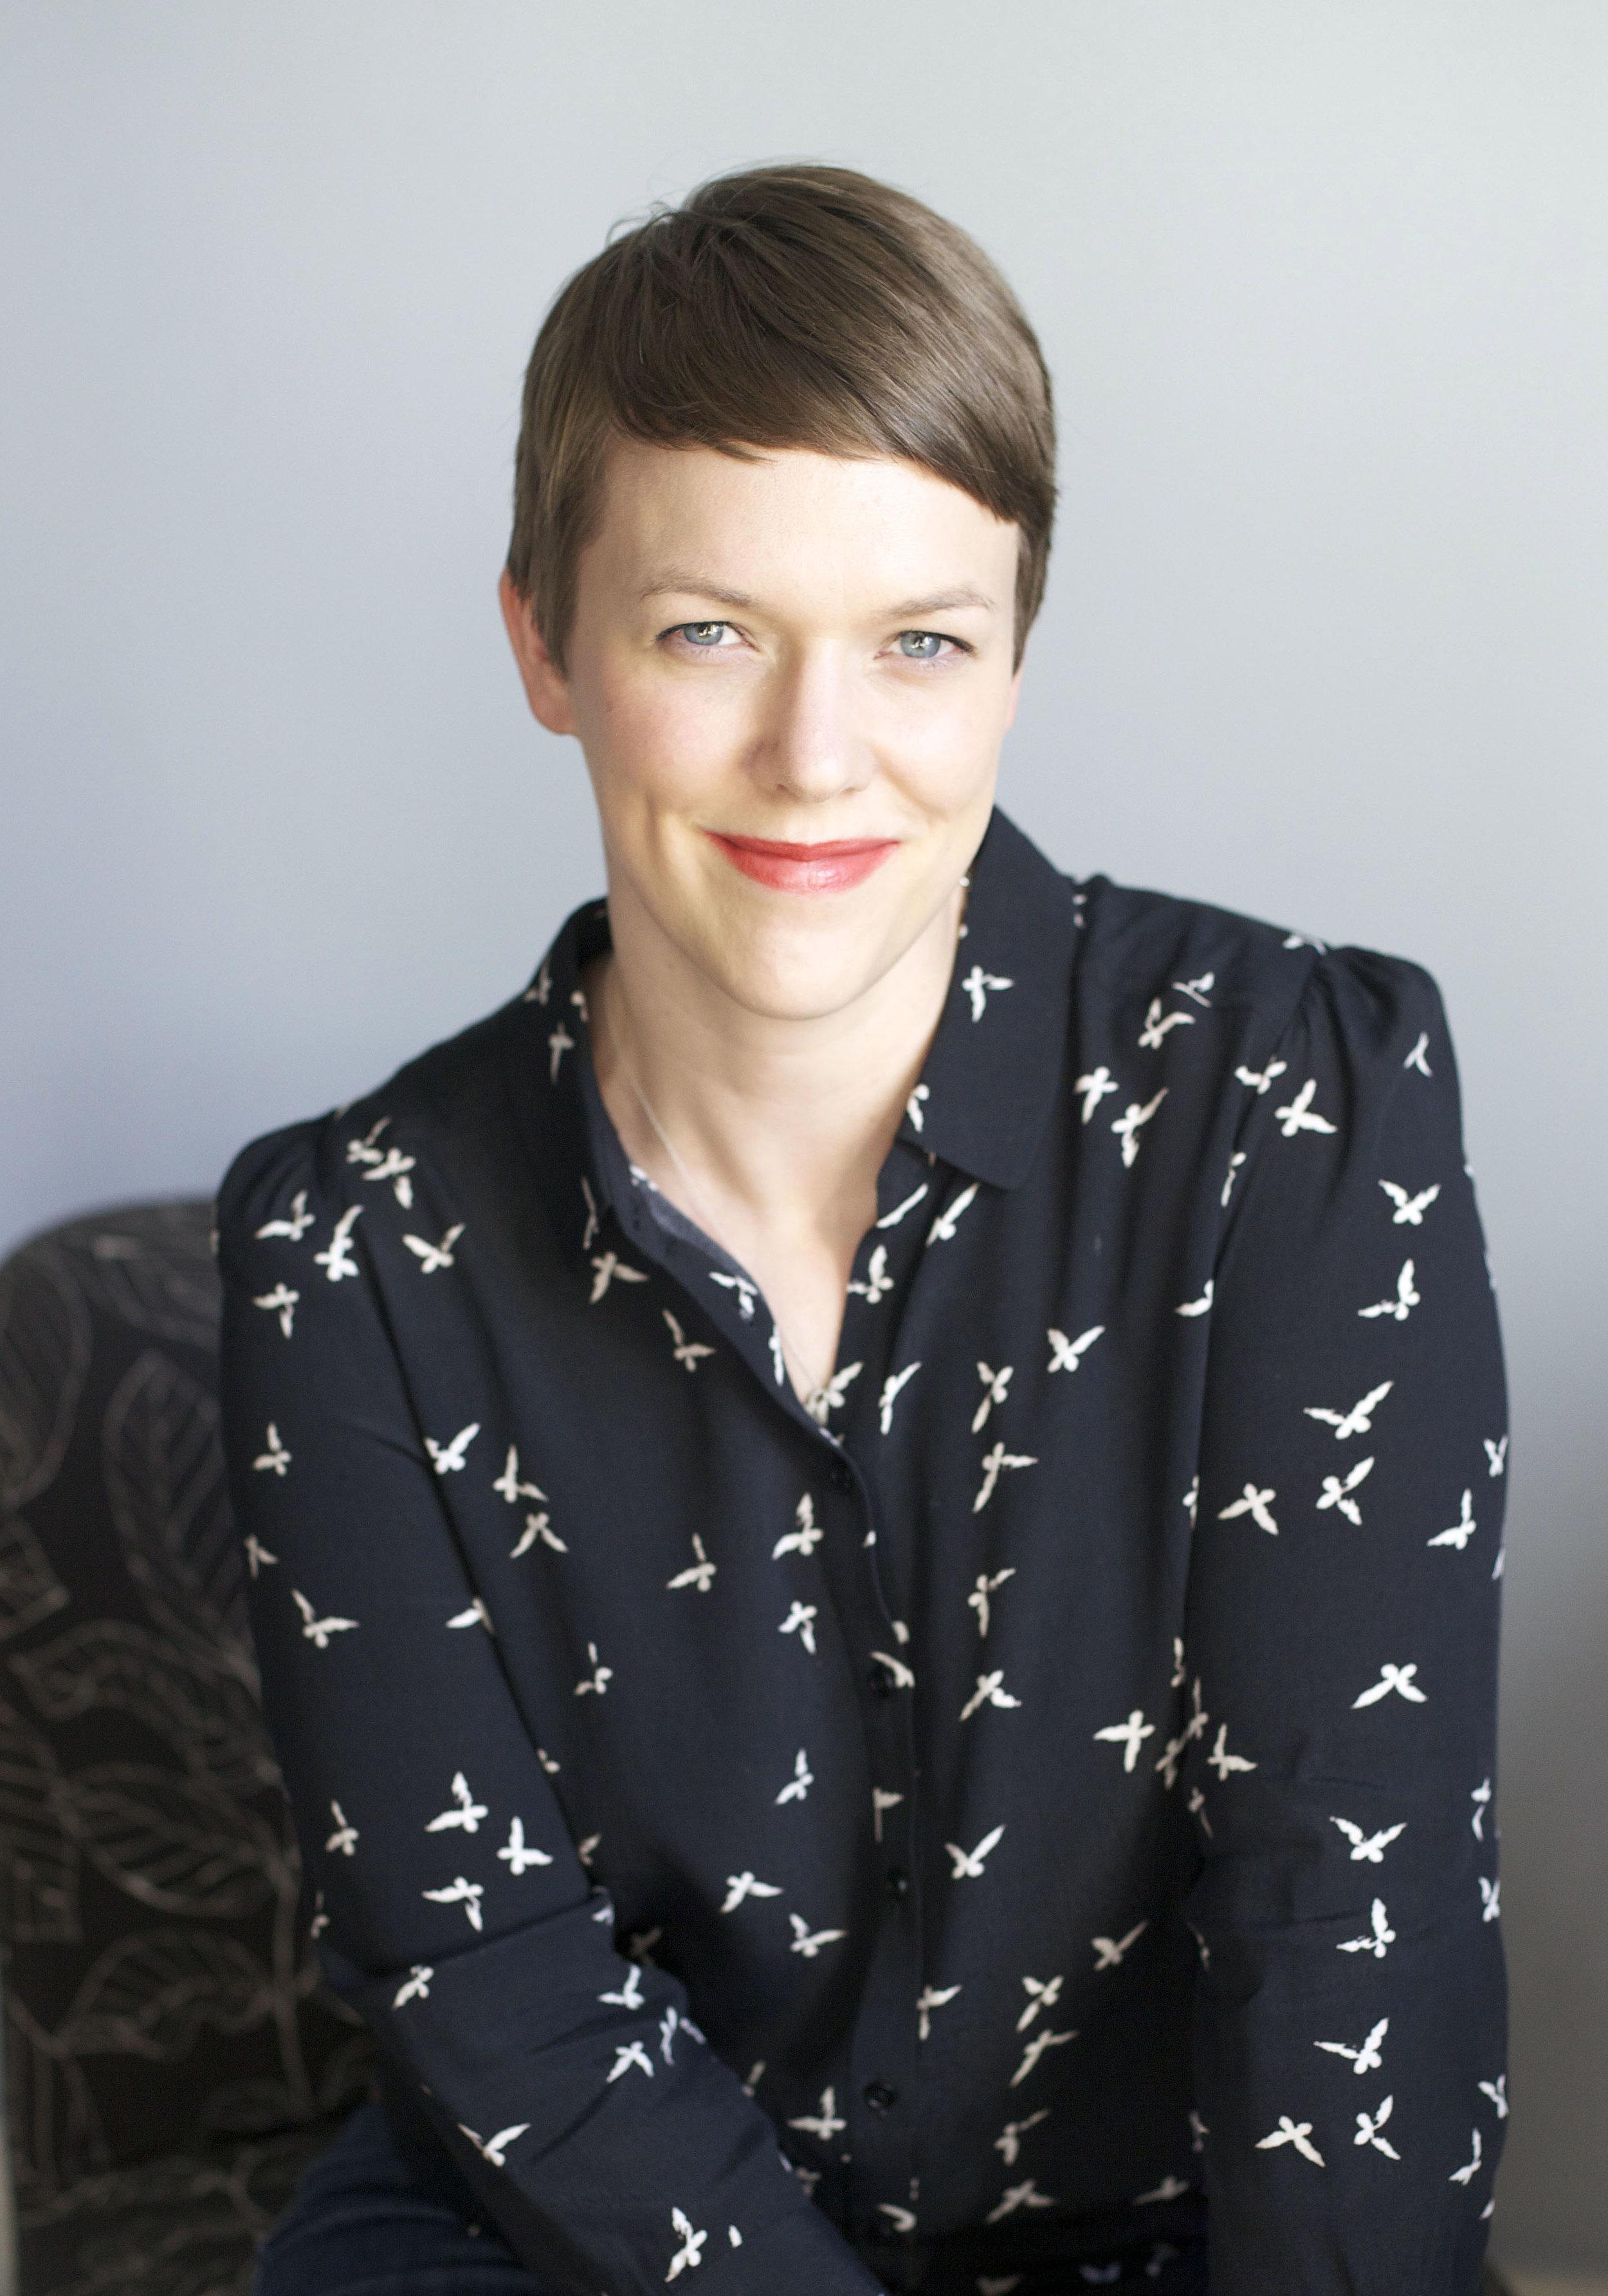 Foto: Marlene Sørensen